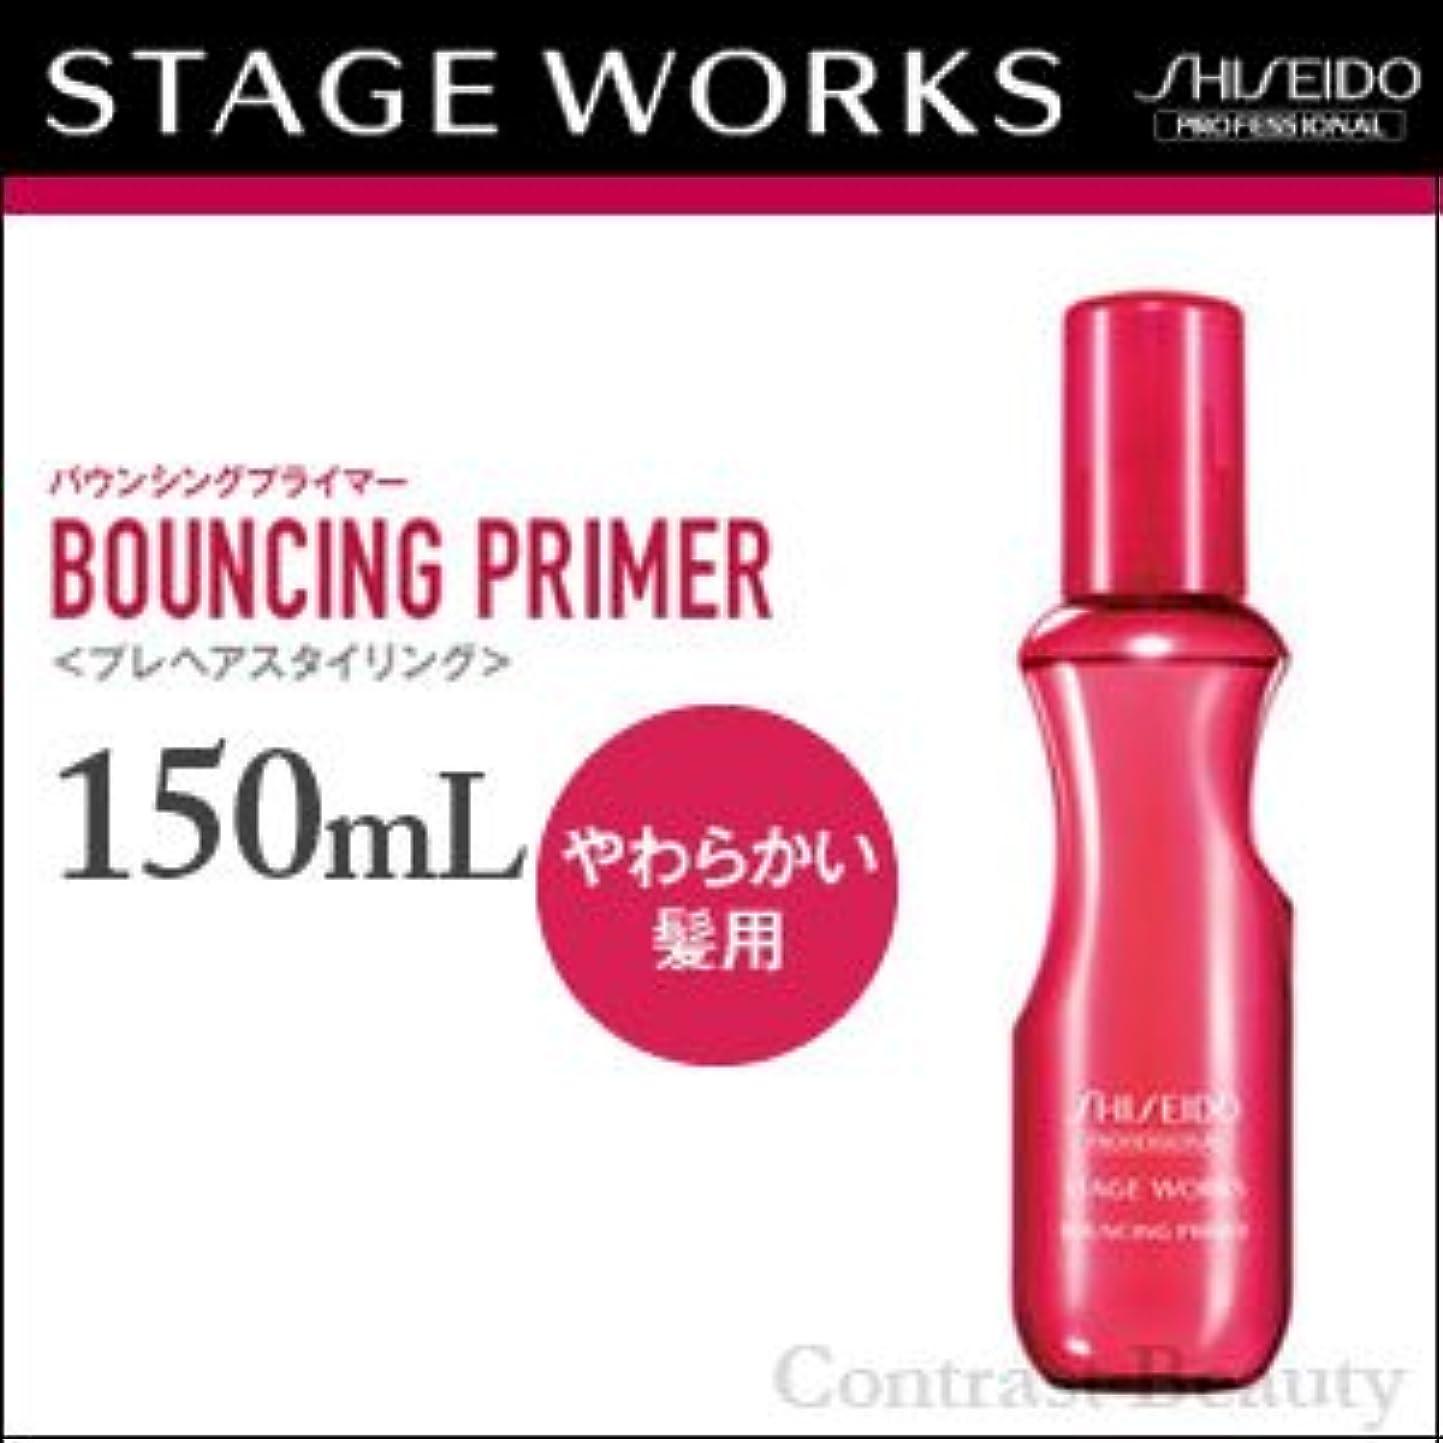 試験気難しい通行料金【x4個セット】 資生堂 ステージワークス バウンシングプライマー 150ml